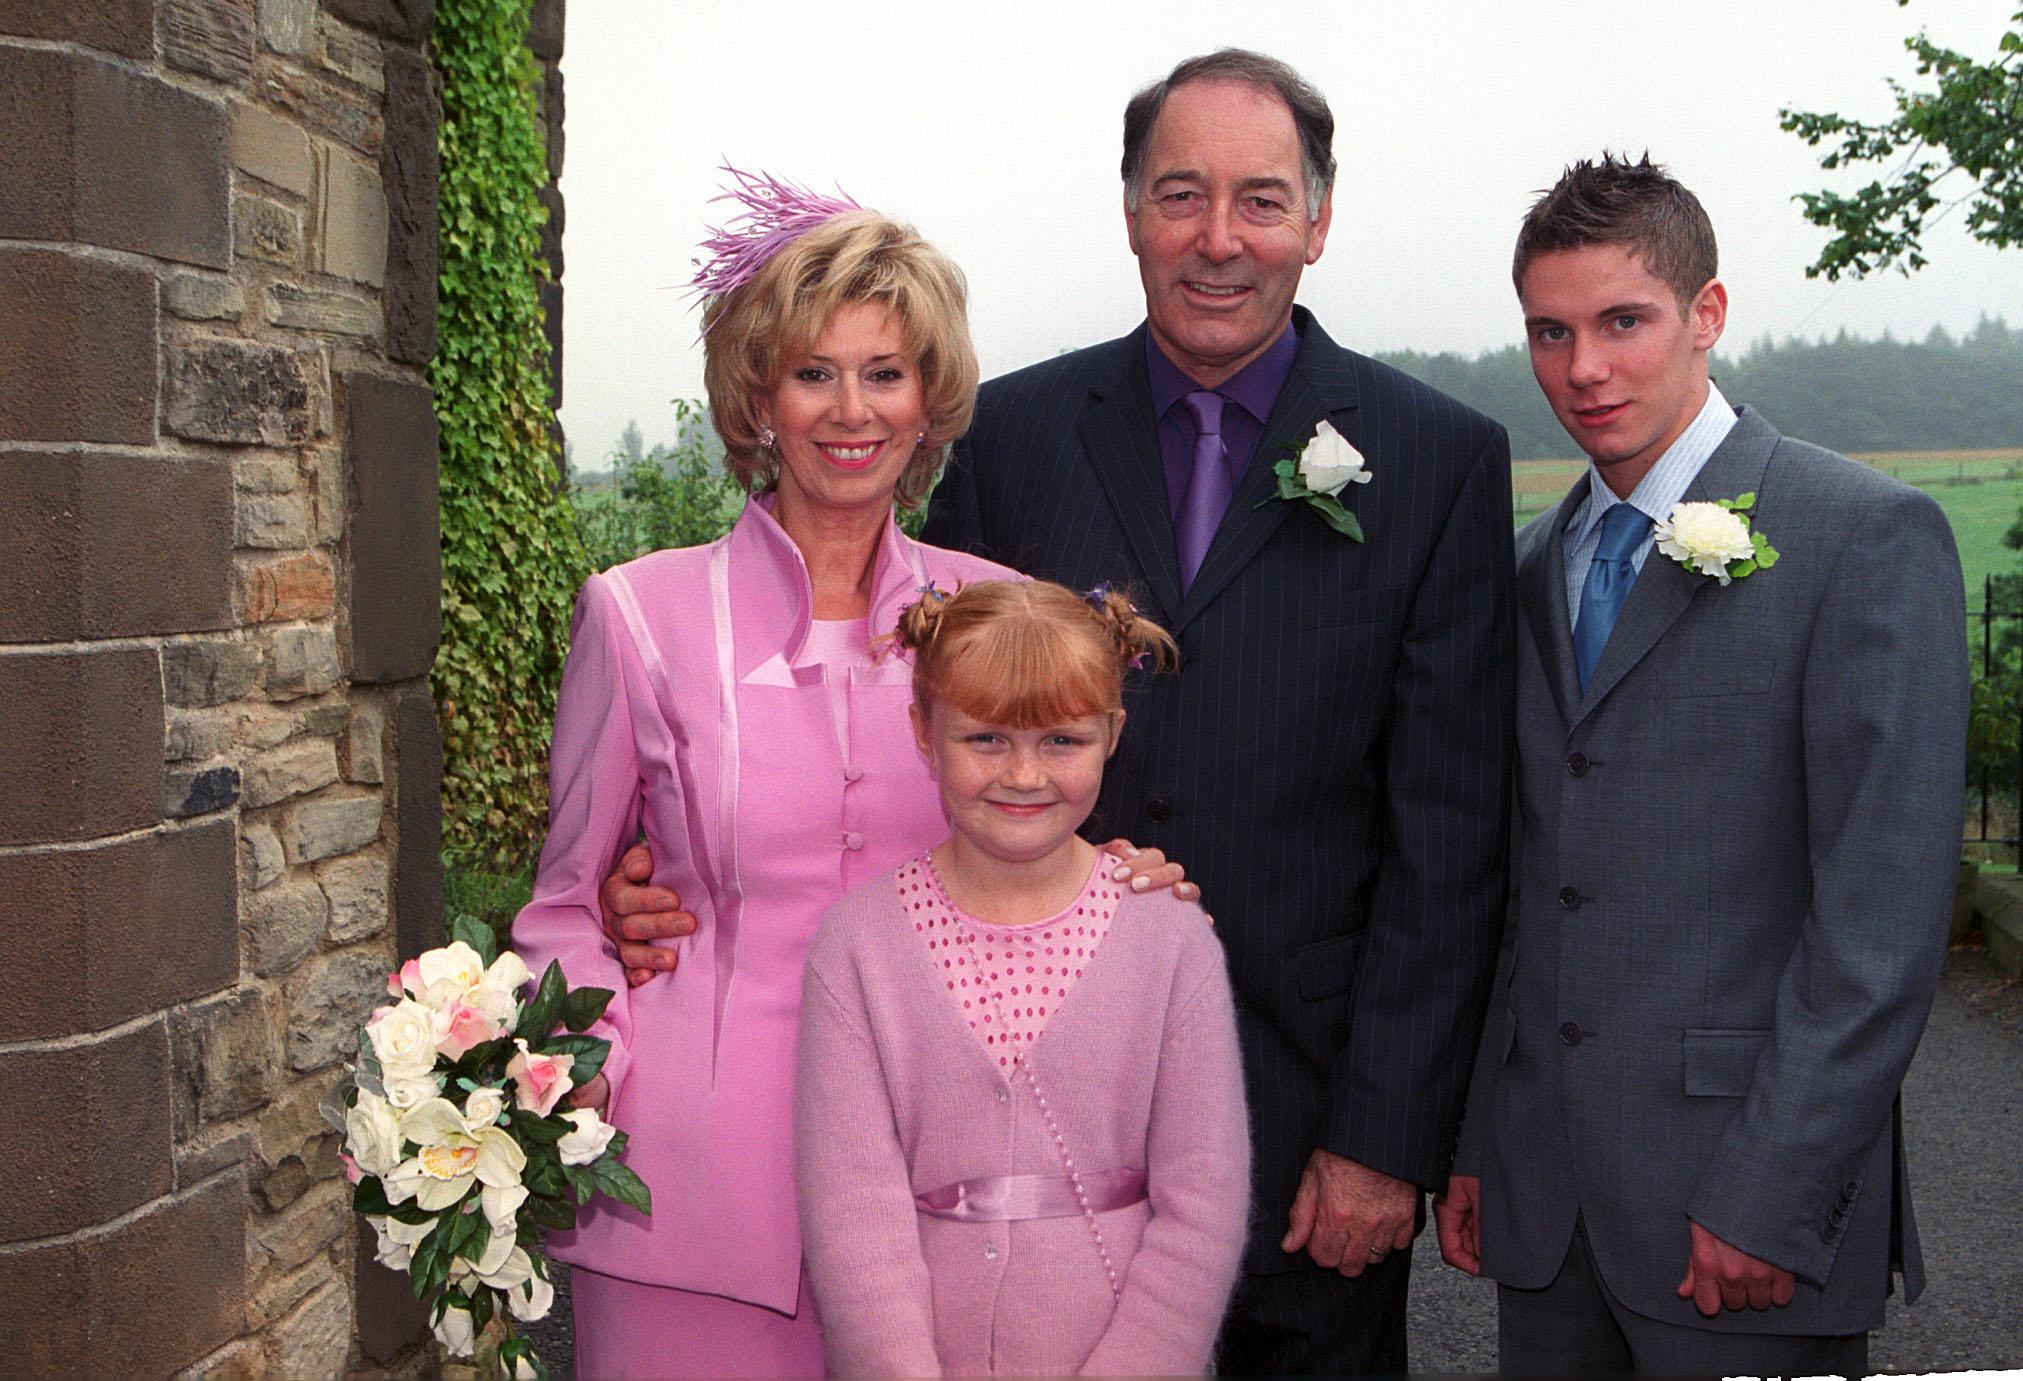 Diane and Jack's wedding Emmerdale 2004